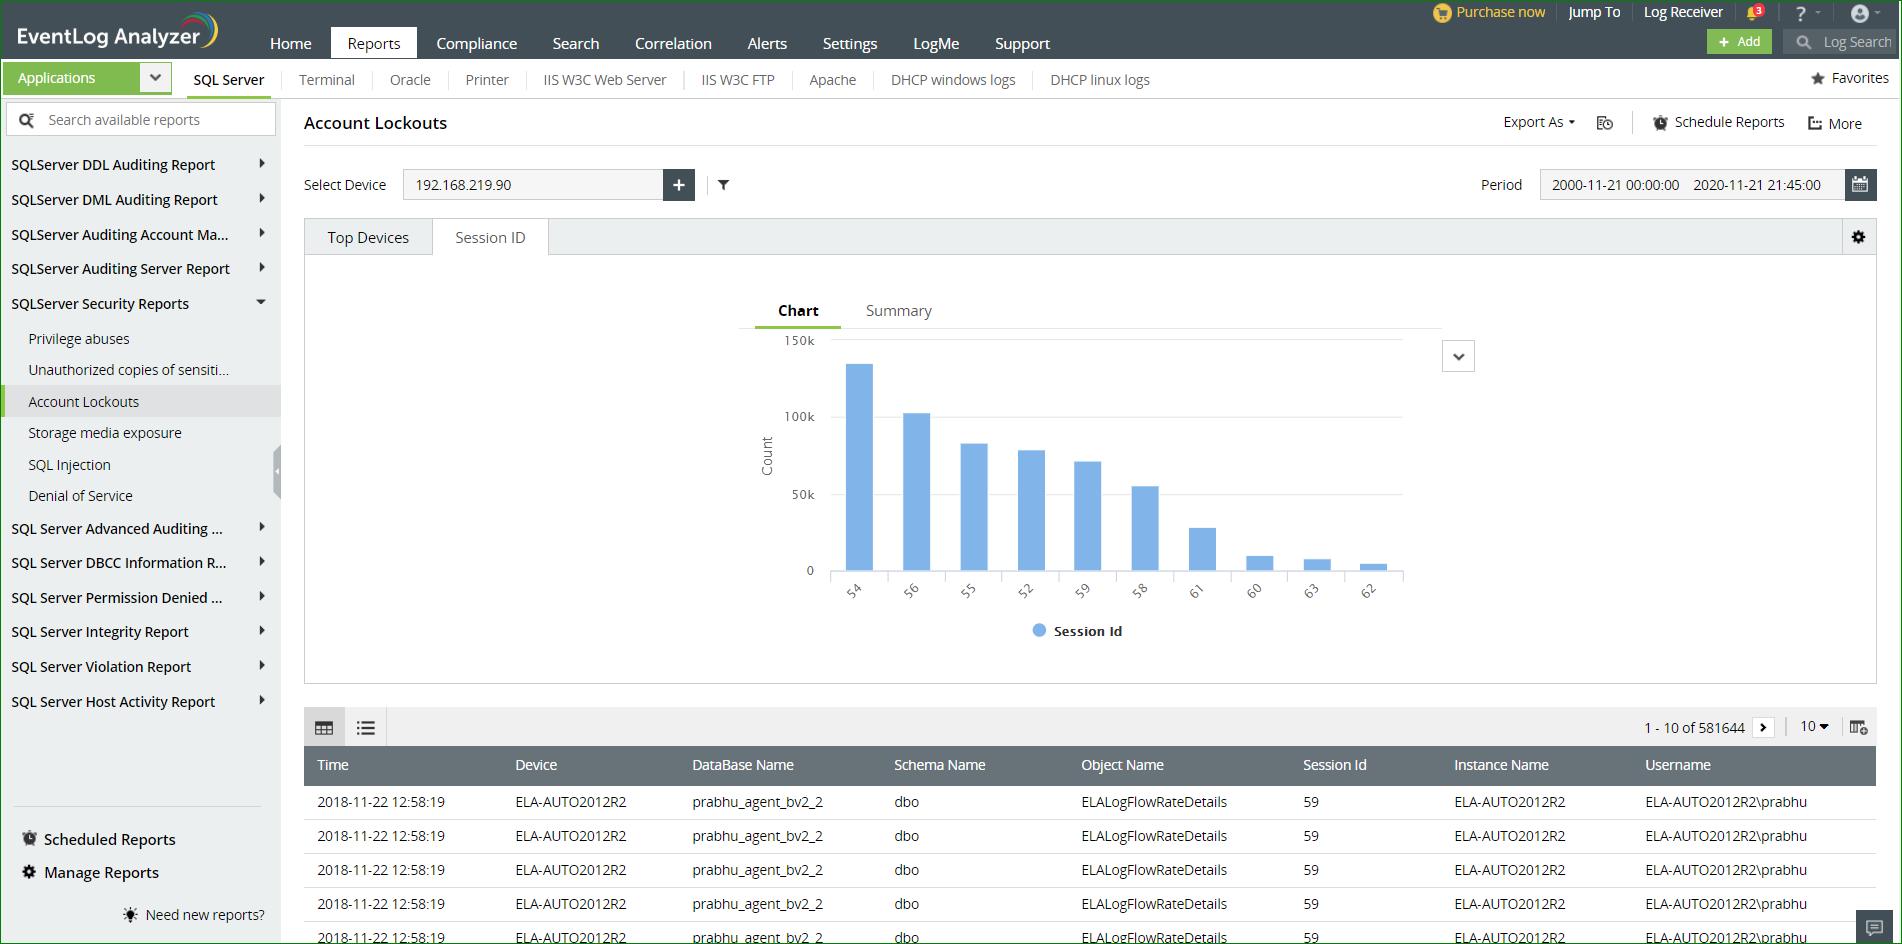 Report di sicurezza del server MS SQL: diminuzione degli attacchi alla sicurezza sul database